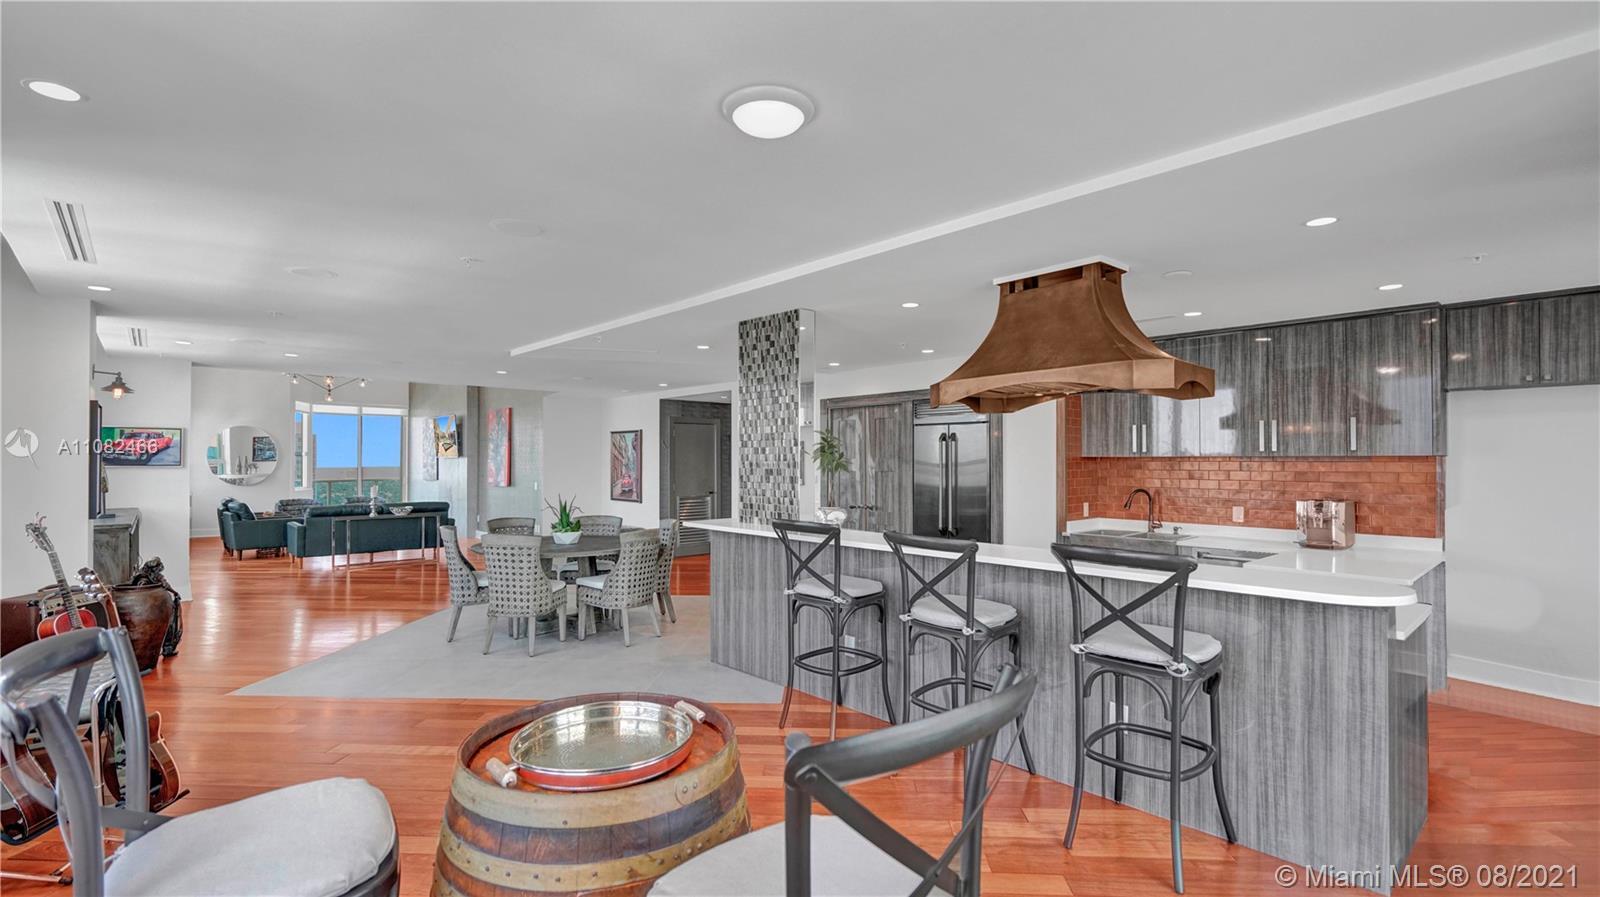 350 Las Olas Place #GPH90 - 350 SE 2nd St #GPH90, Fort Lauderdale, FL 33301